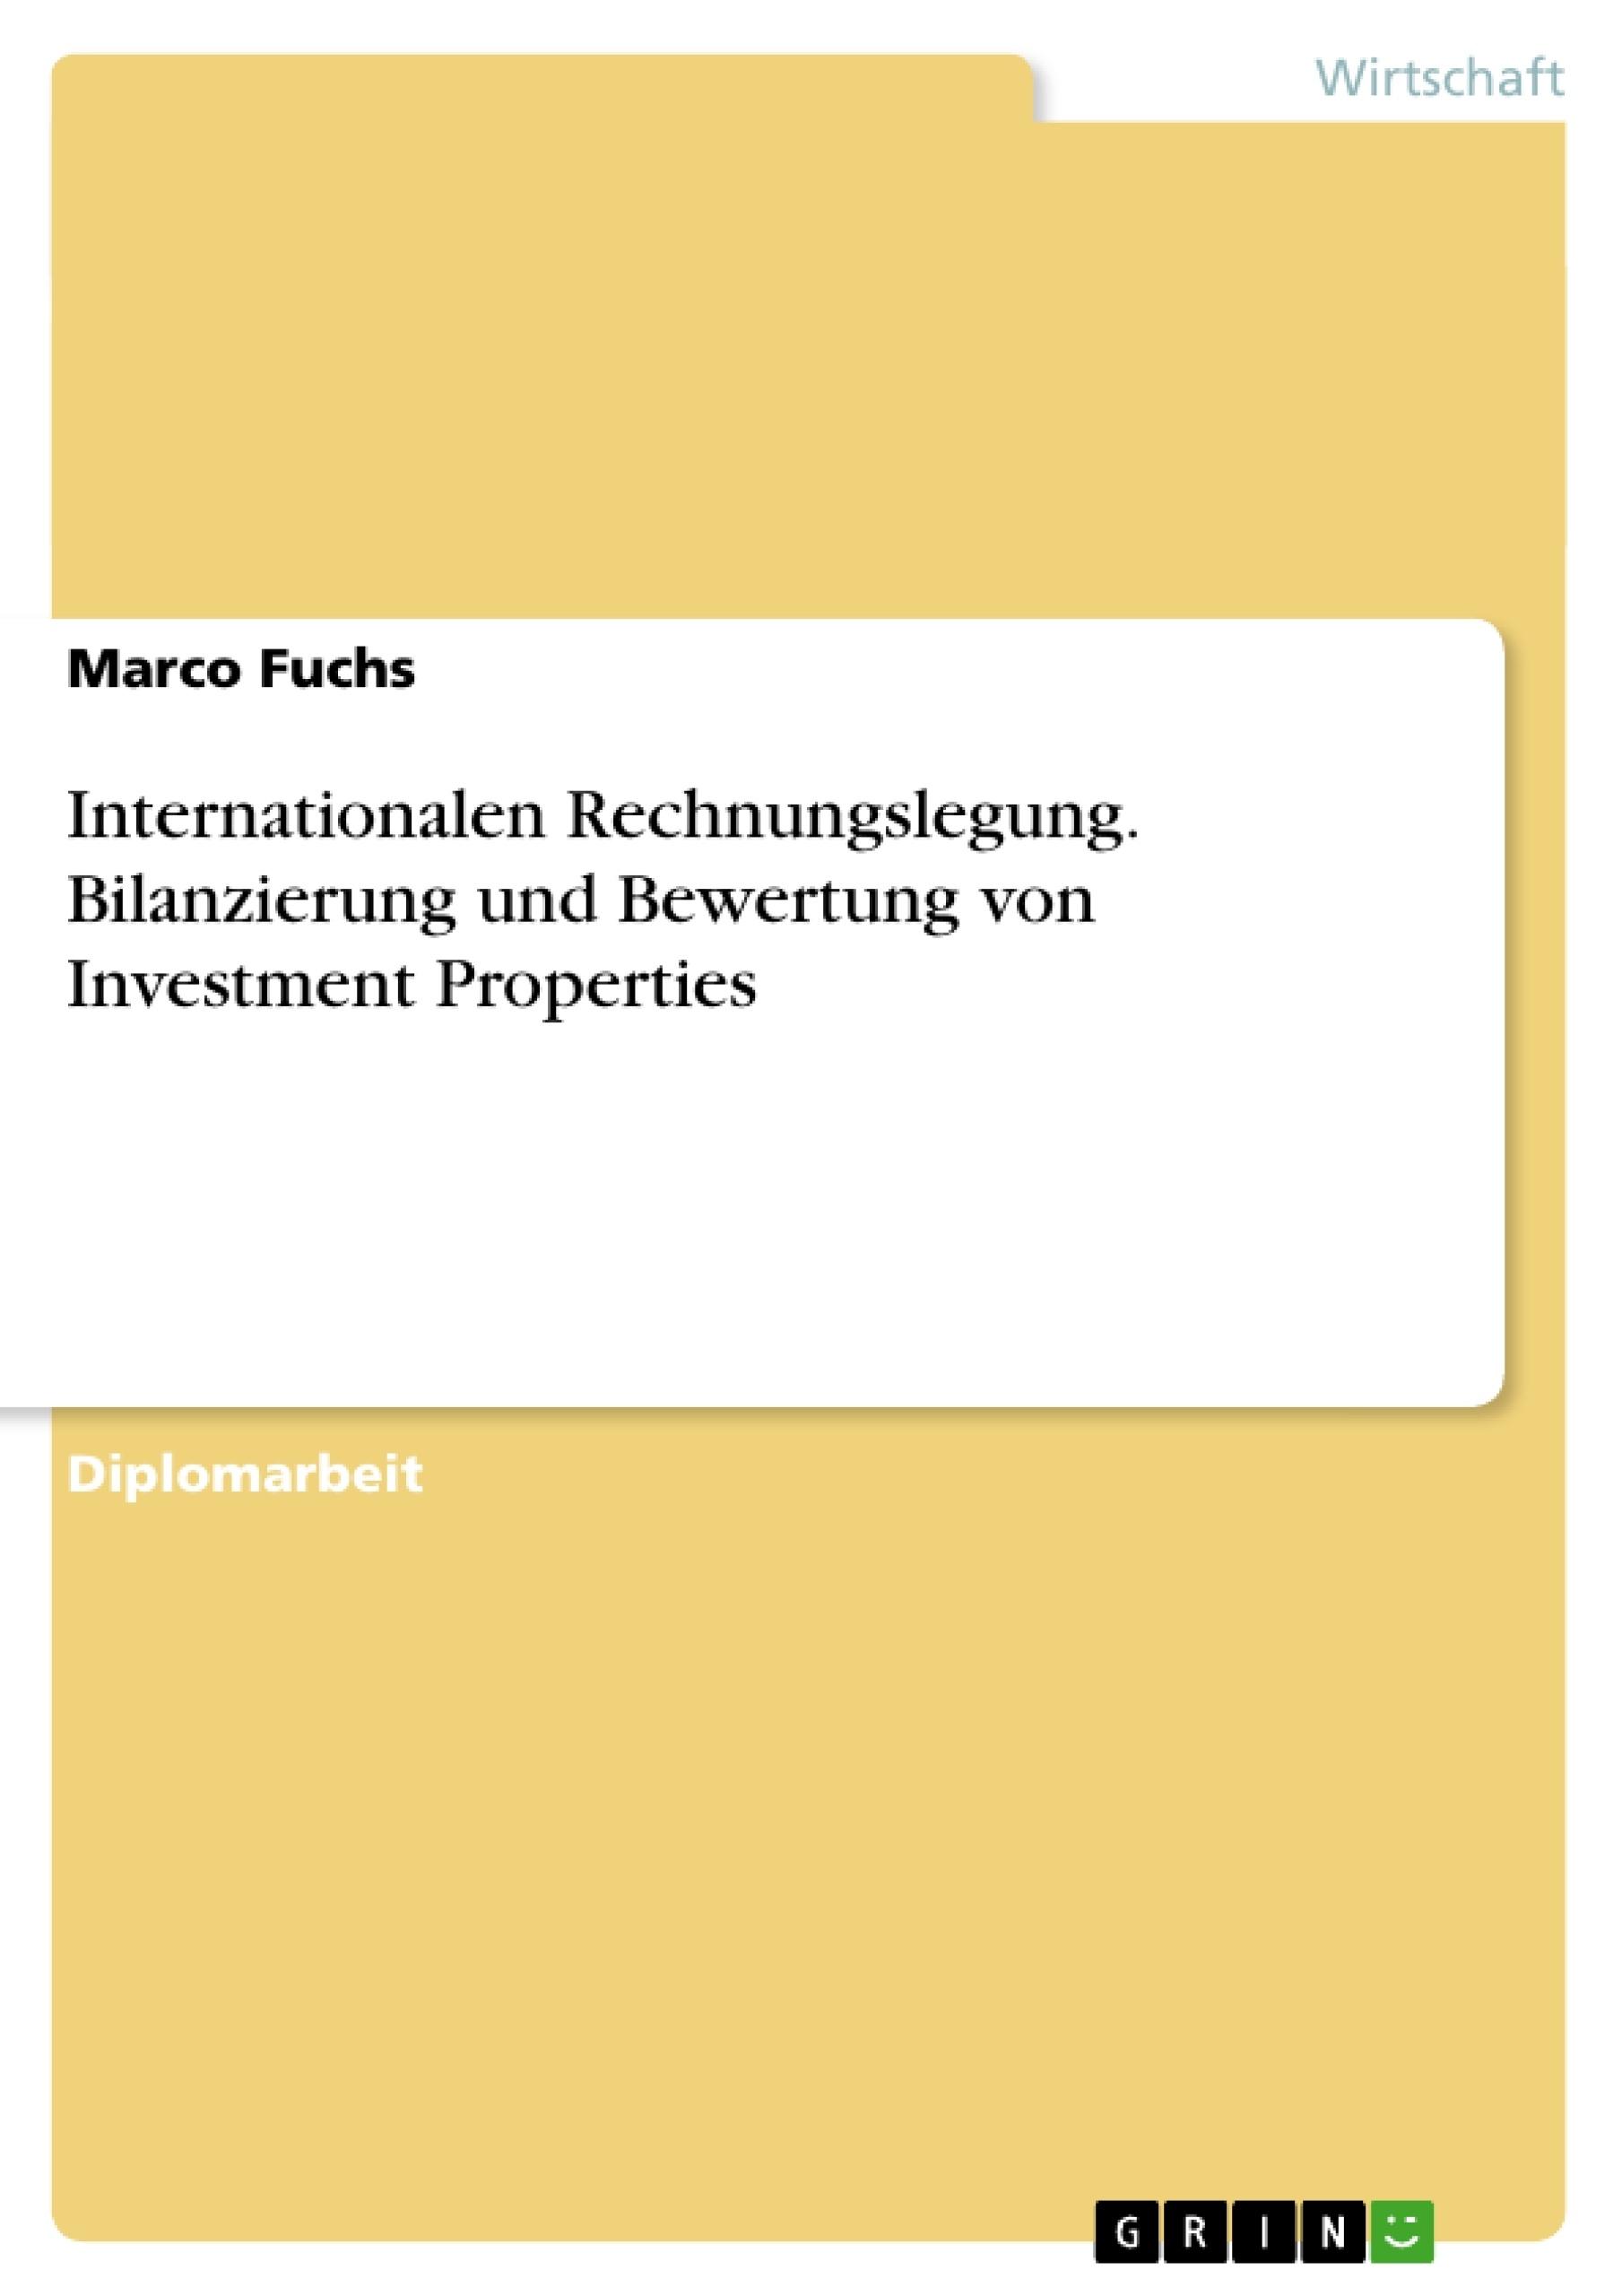 Titel: Internationalen Rechnungslegung. Bilanzierung und Bewertung von Investment Properties